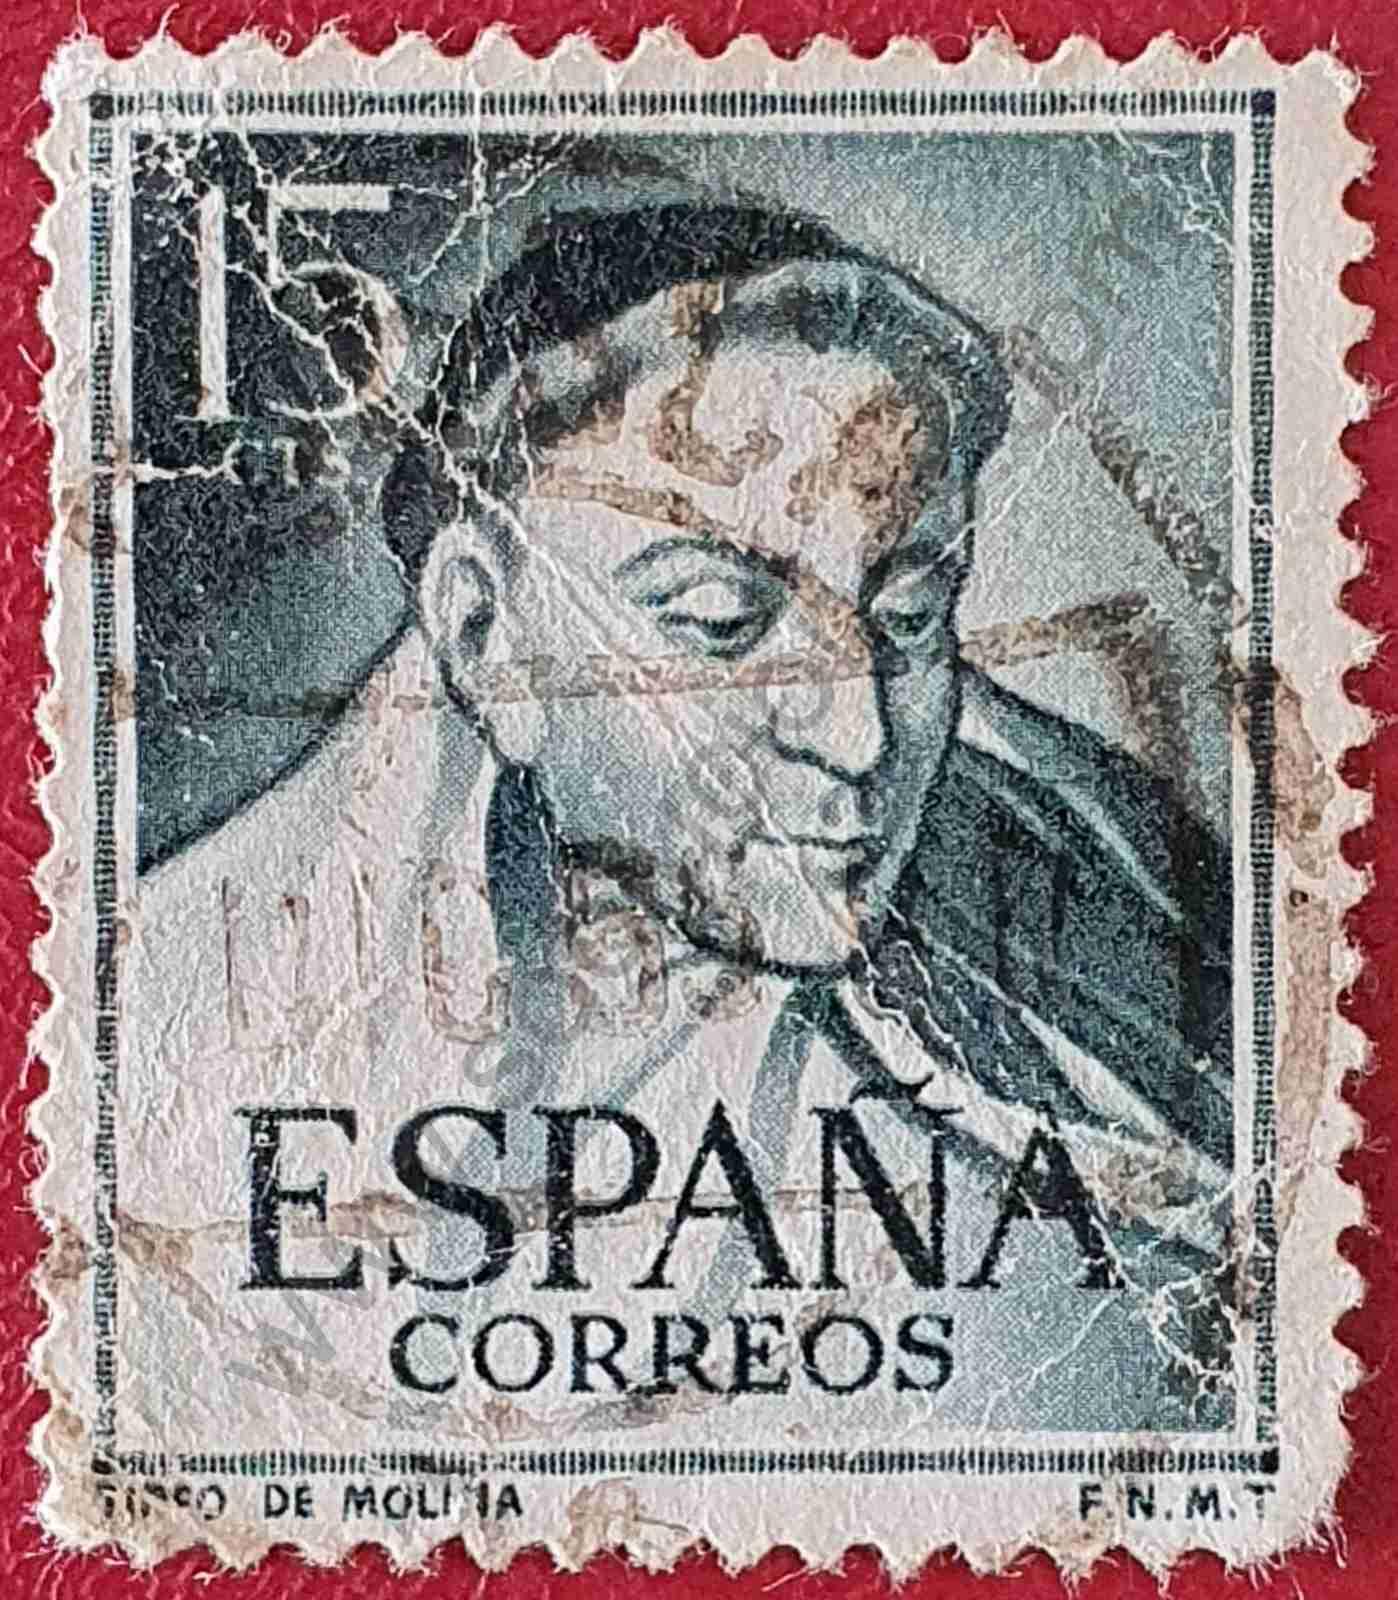 Tirso de Molina - Sello España 1953